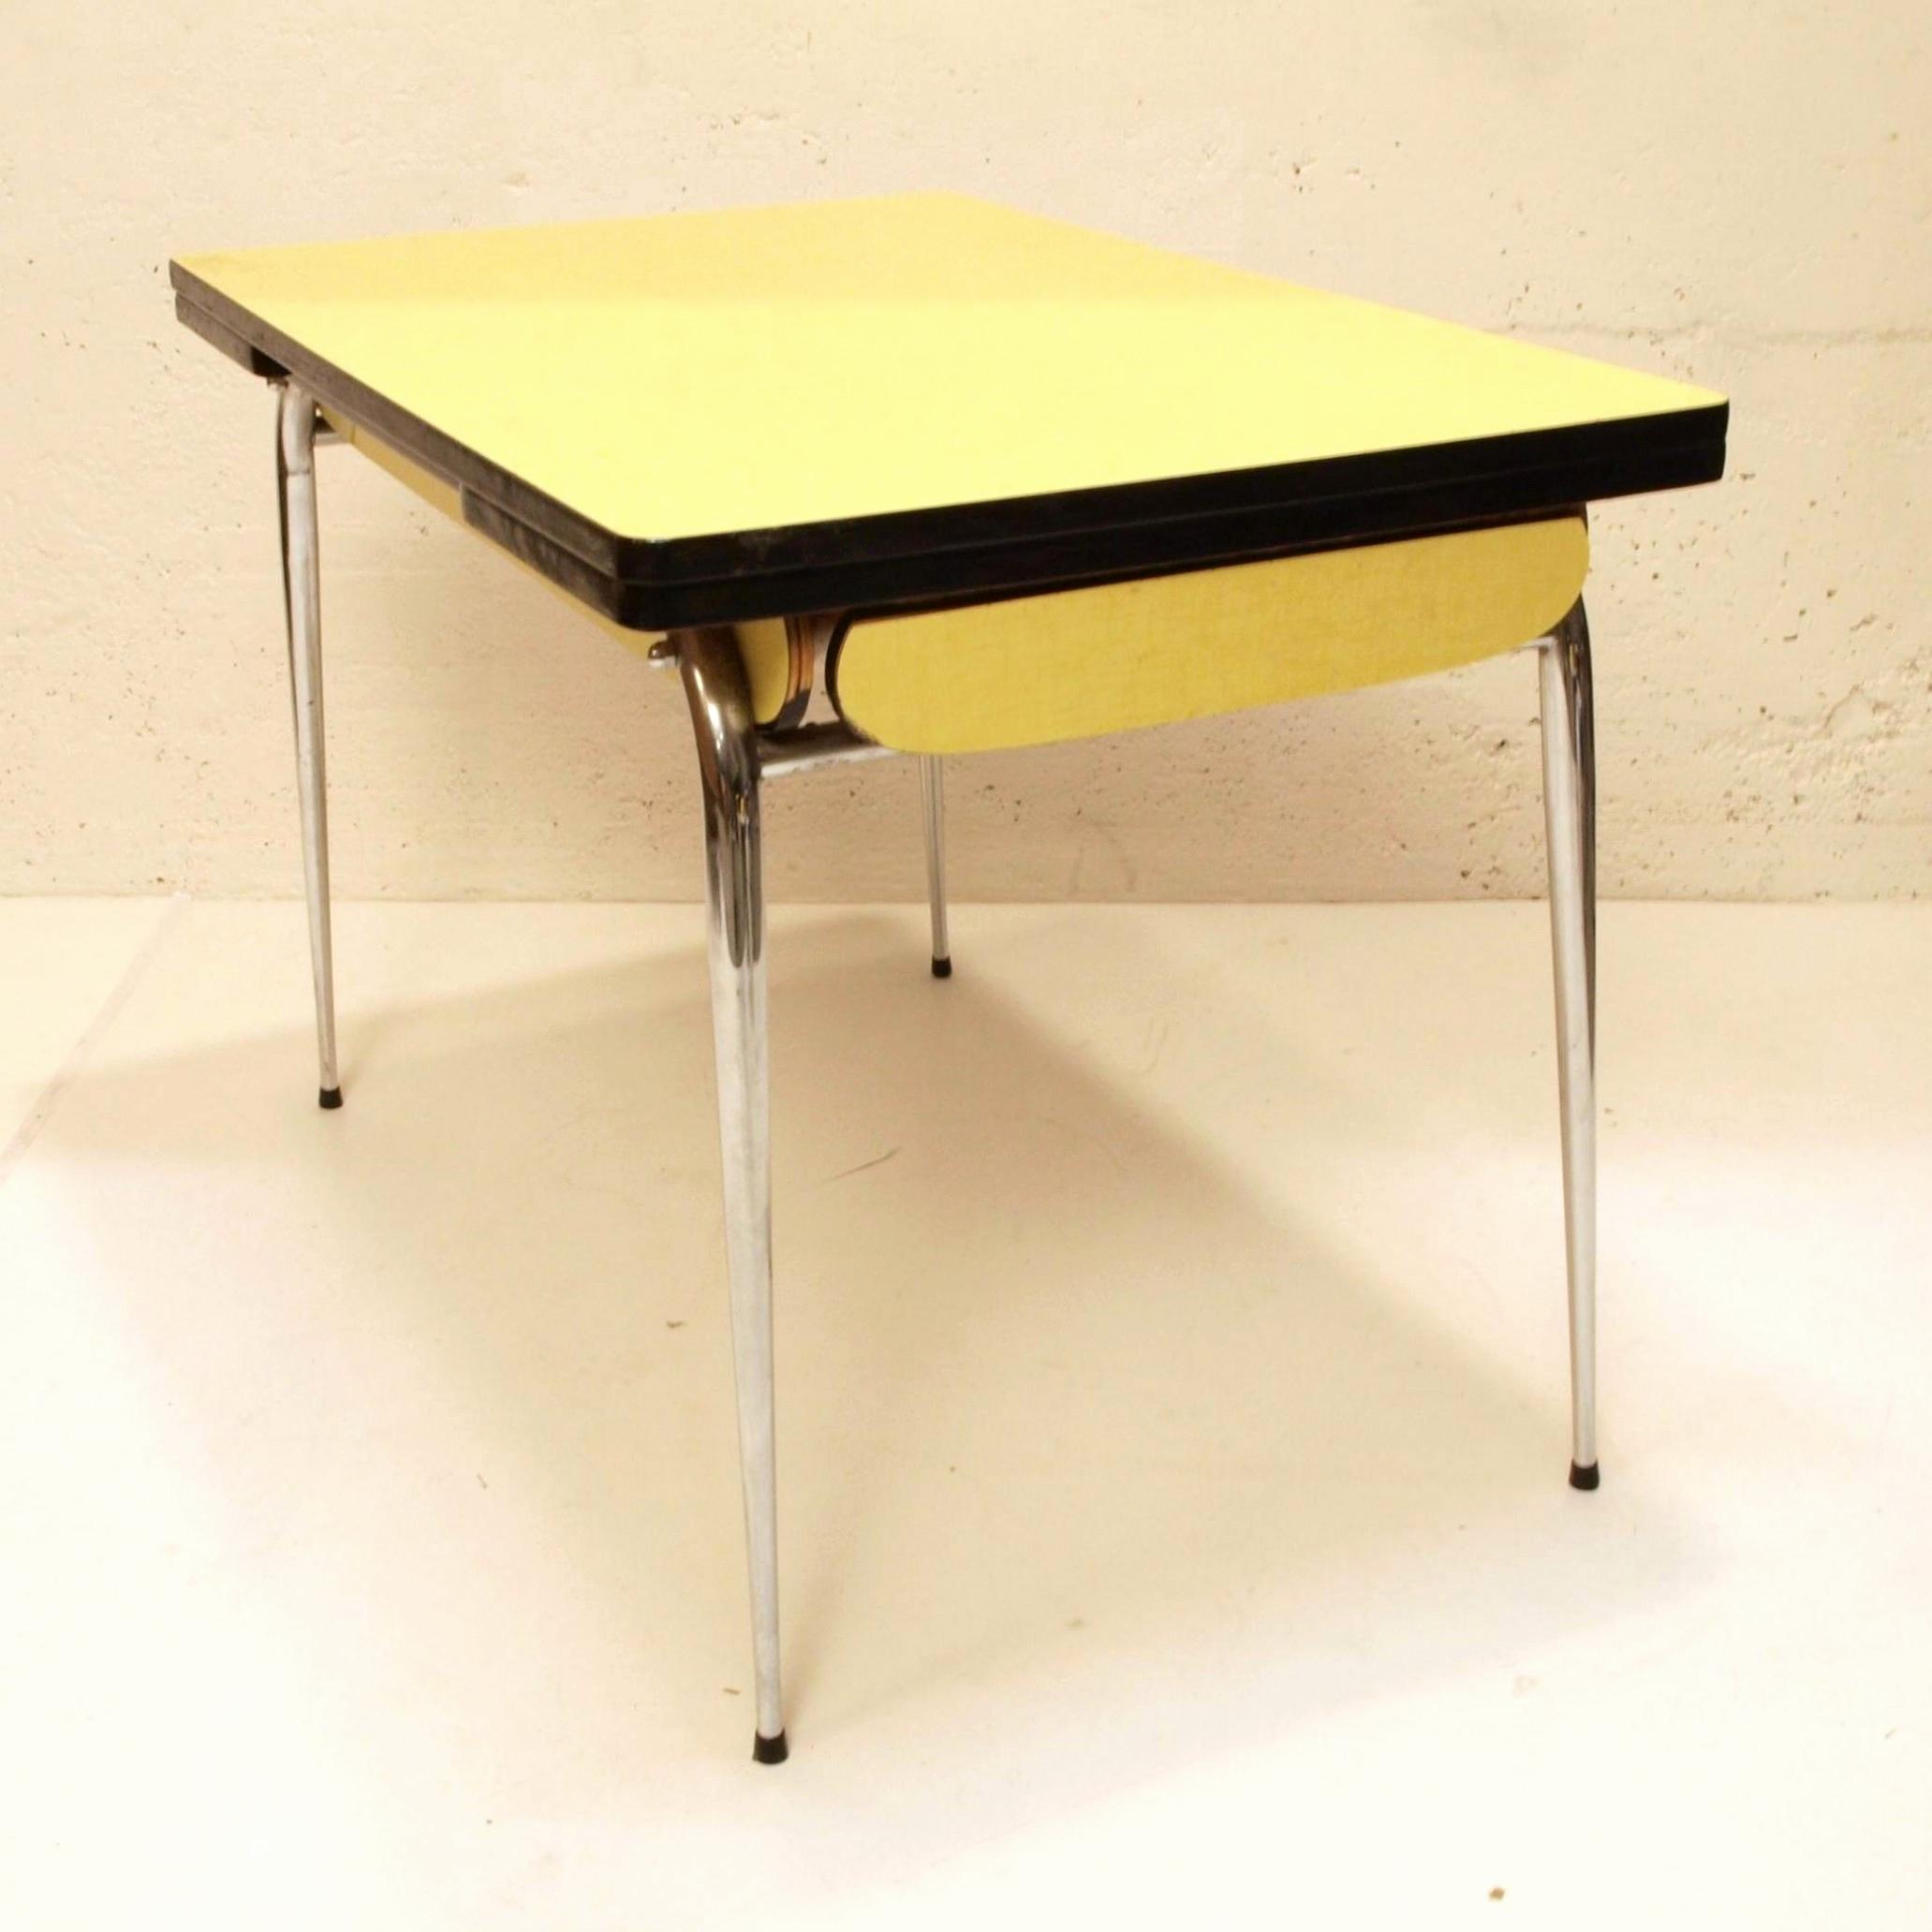 garderobe auf rollen einzigartig tisch auf rollen schon tisch schublade 0d archives haus dekoration of garderobe auf rollen